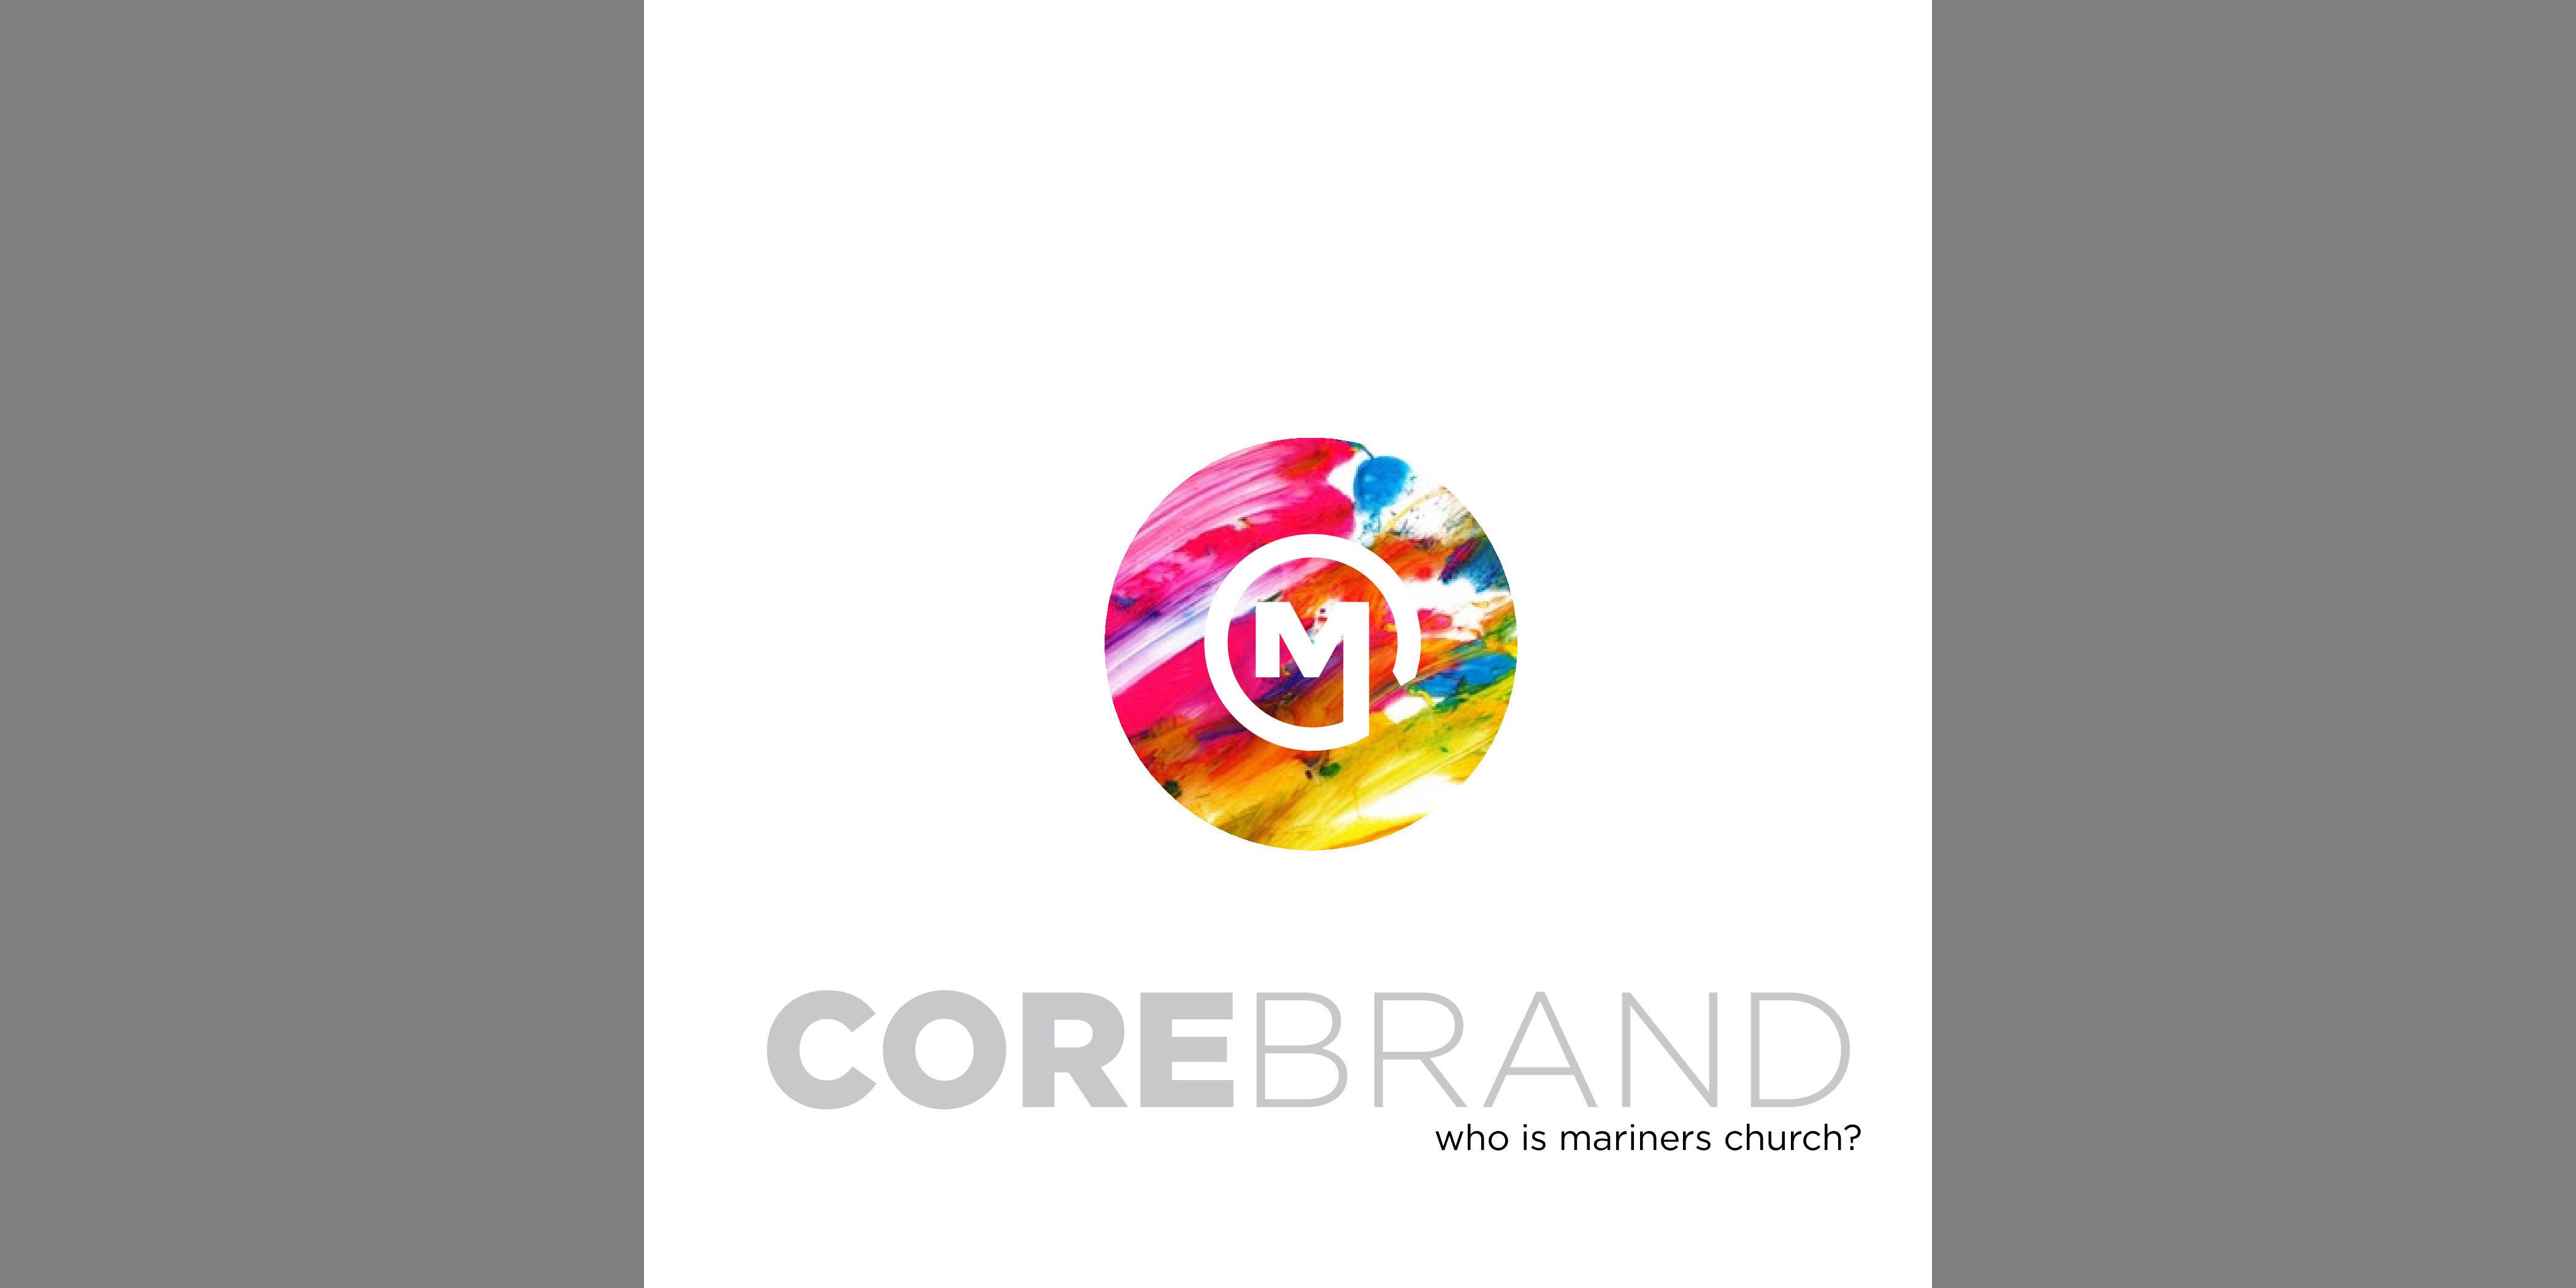 logo-corebrand-mariners_p001